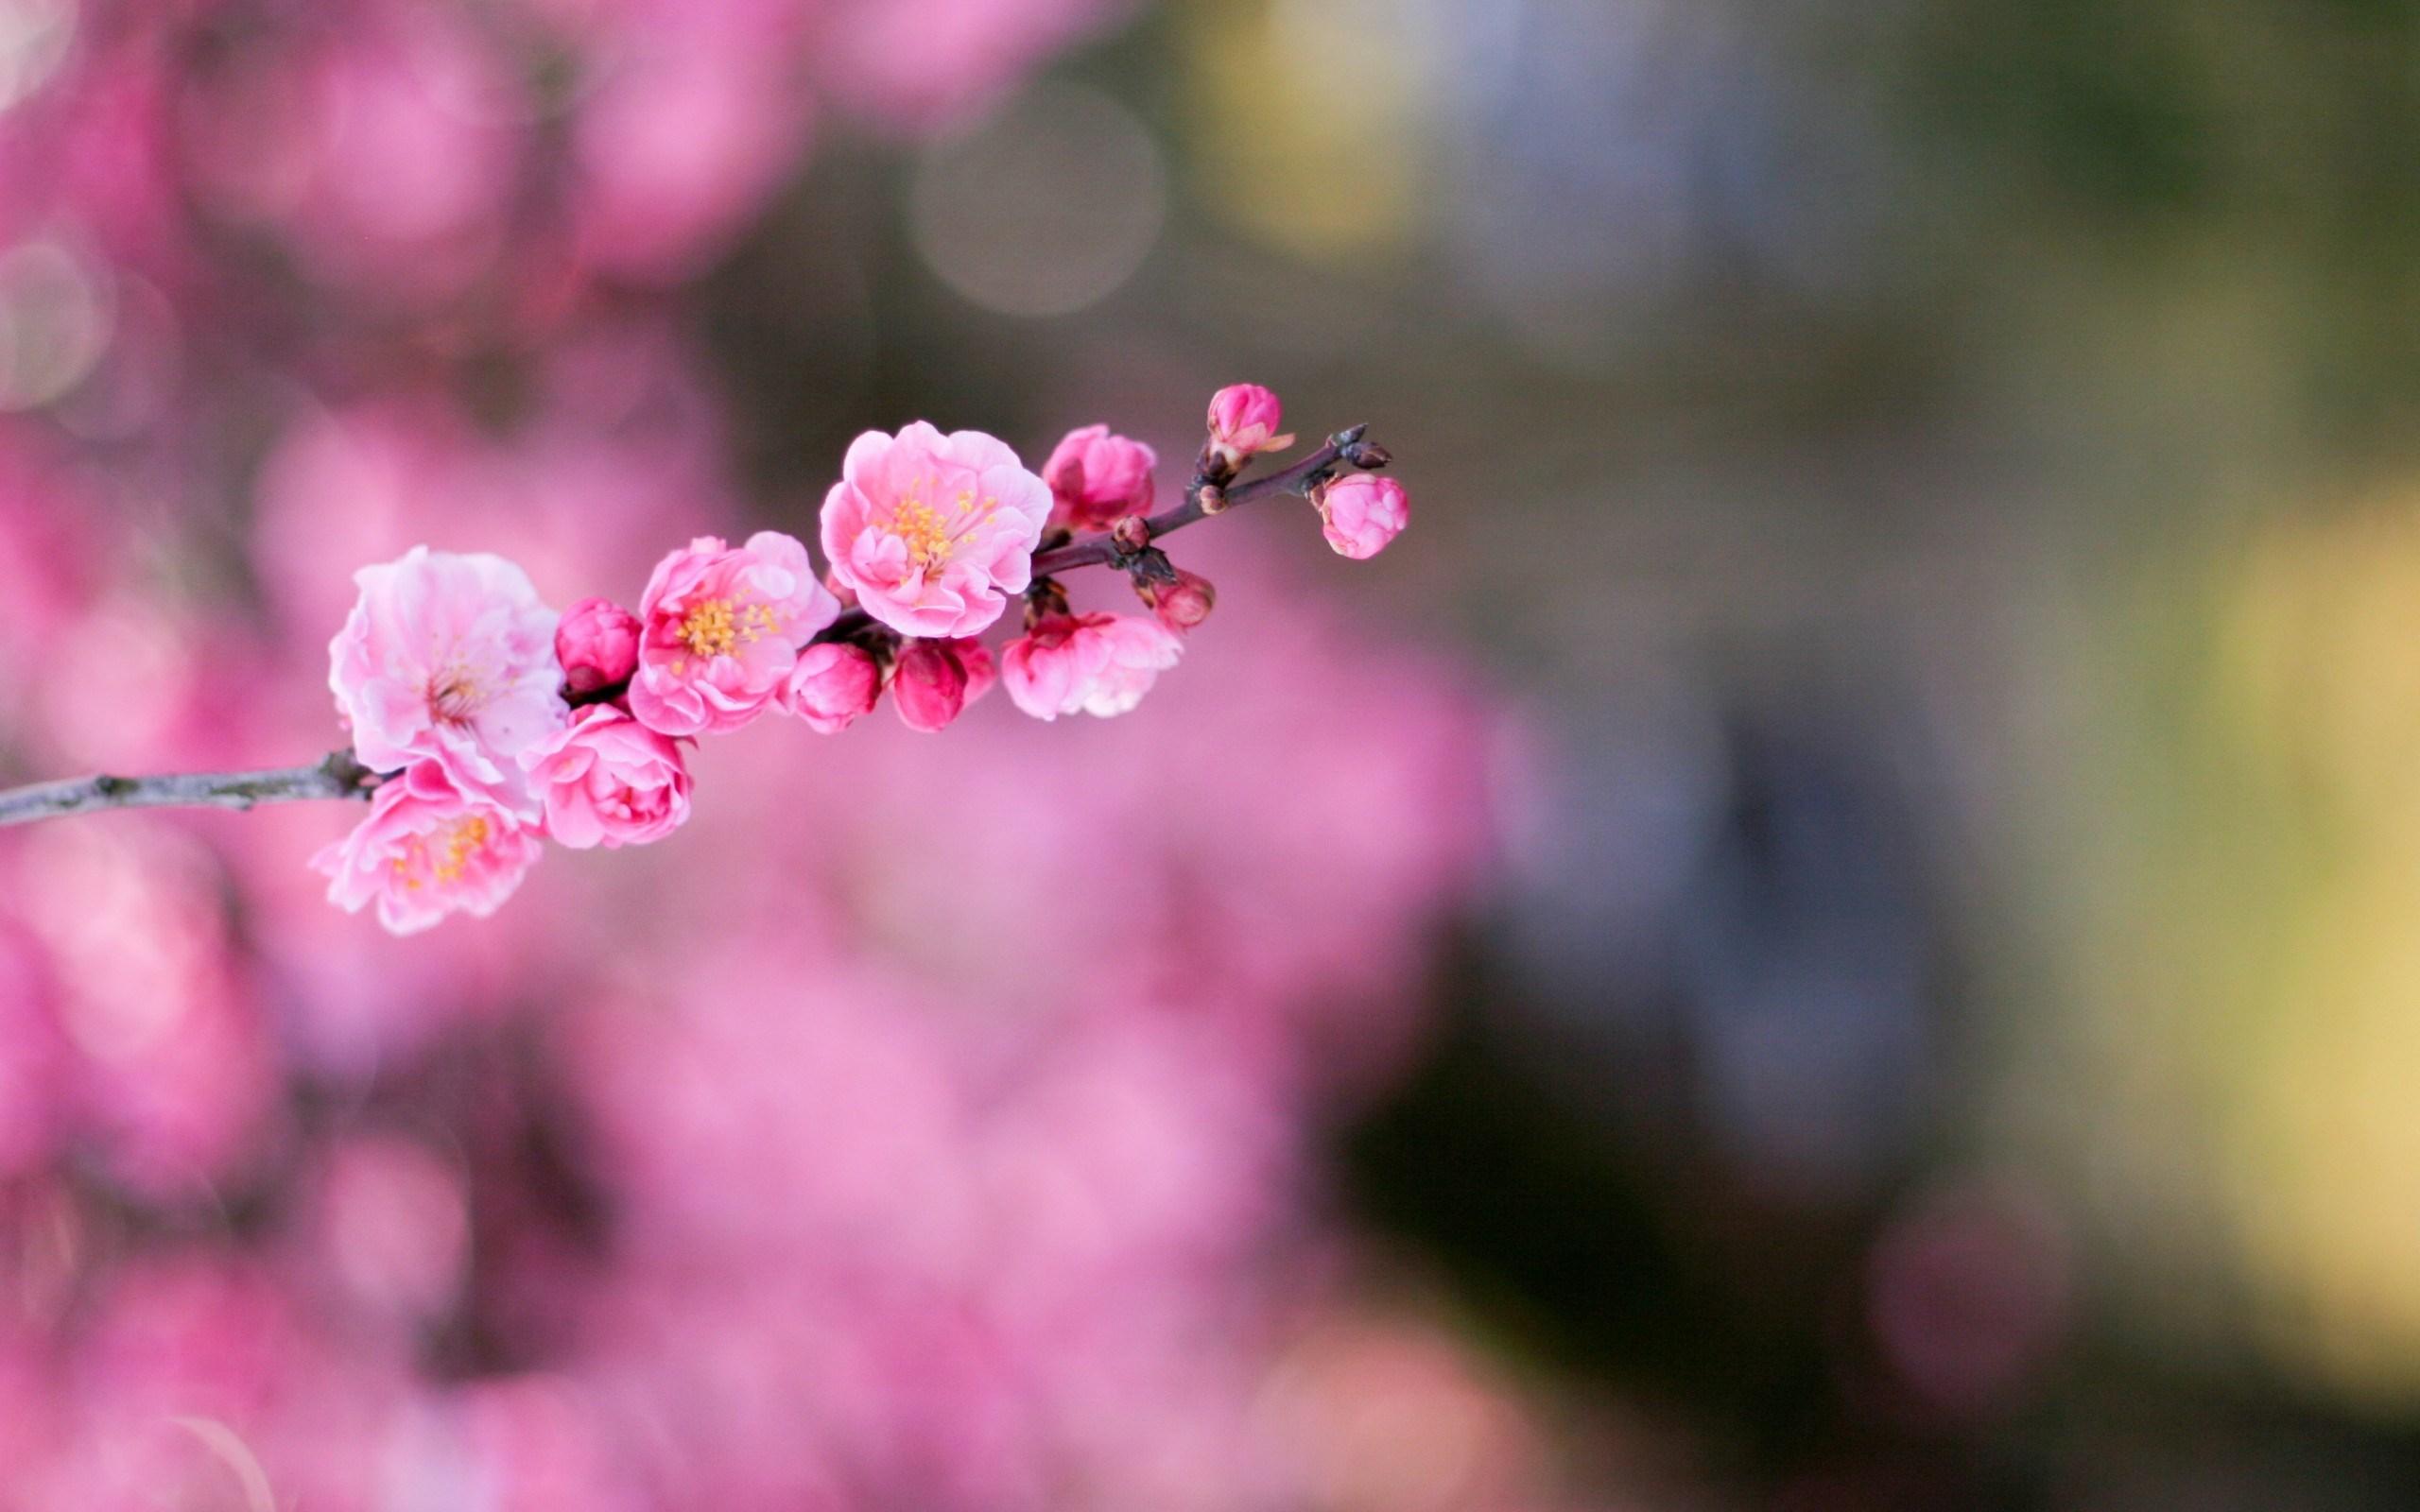 apricot flowers bokeh